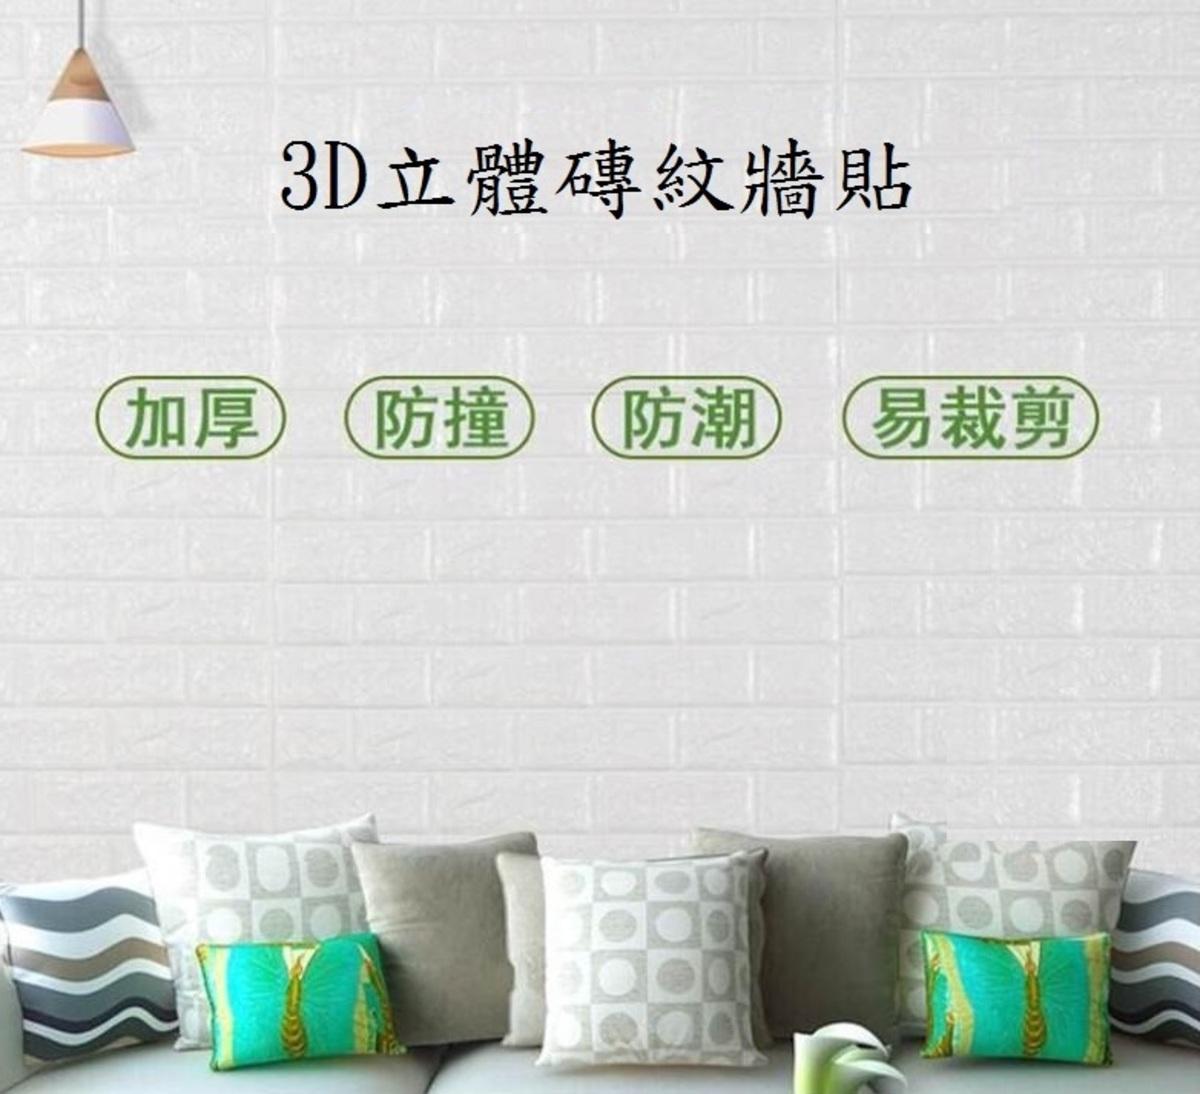 3D foam brick (2pcs) SP-3D